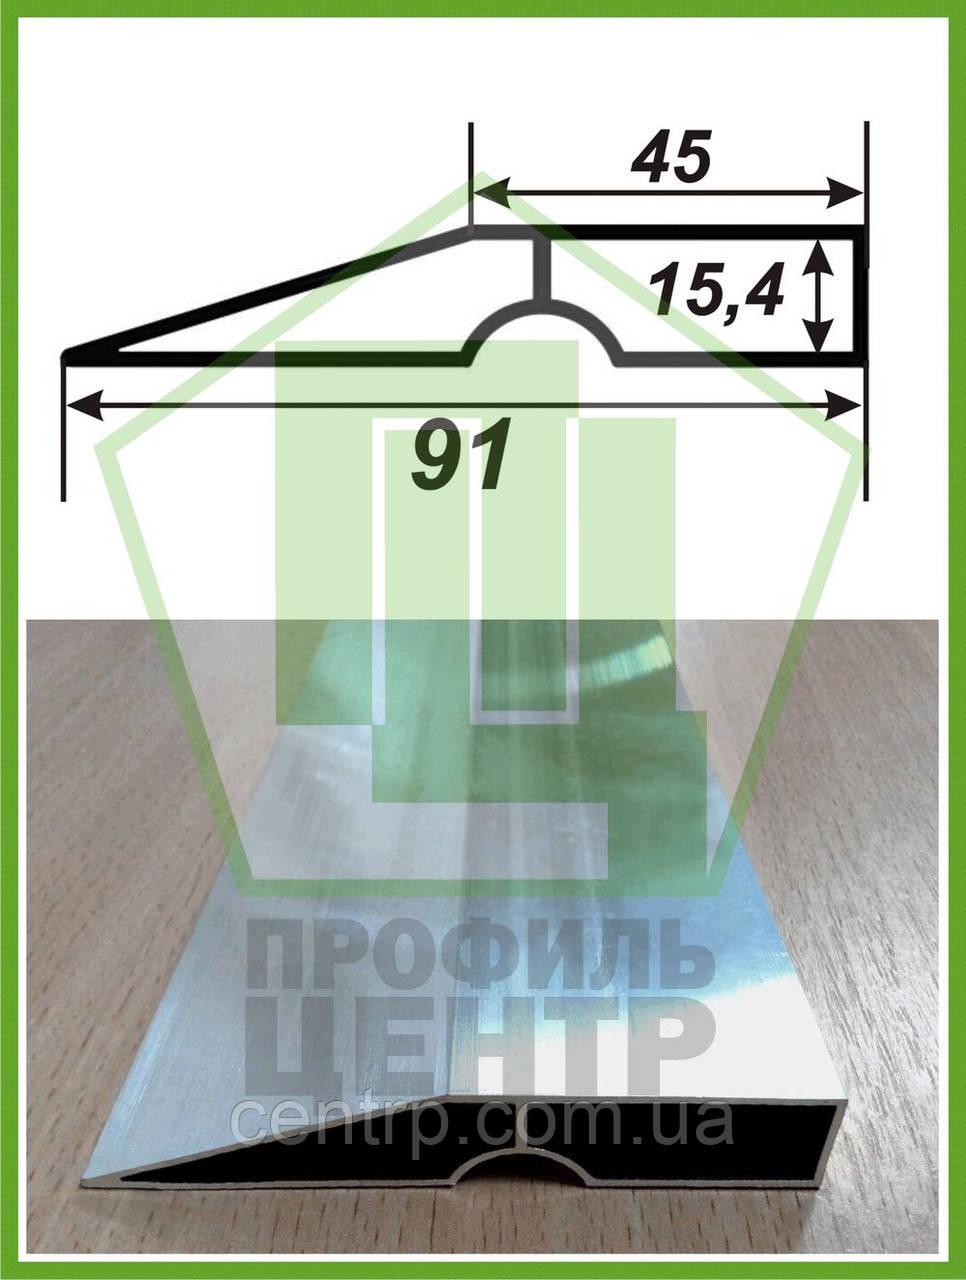 Правило усеченное строительное 4,0 м